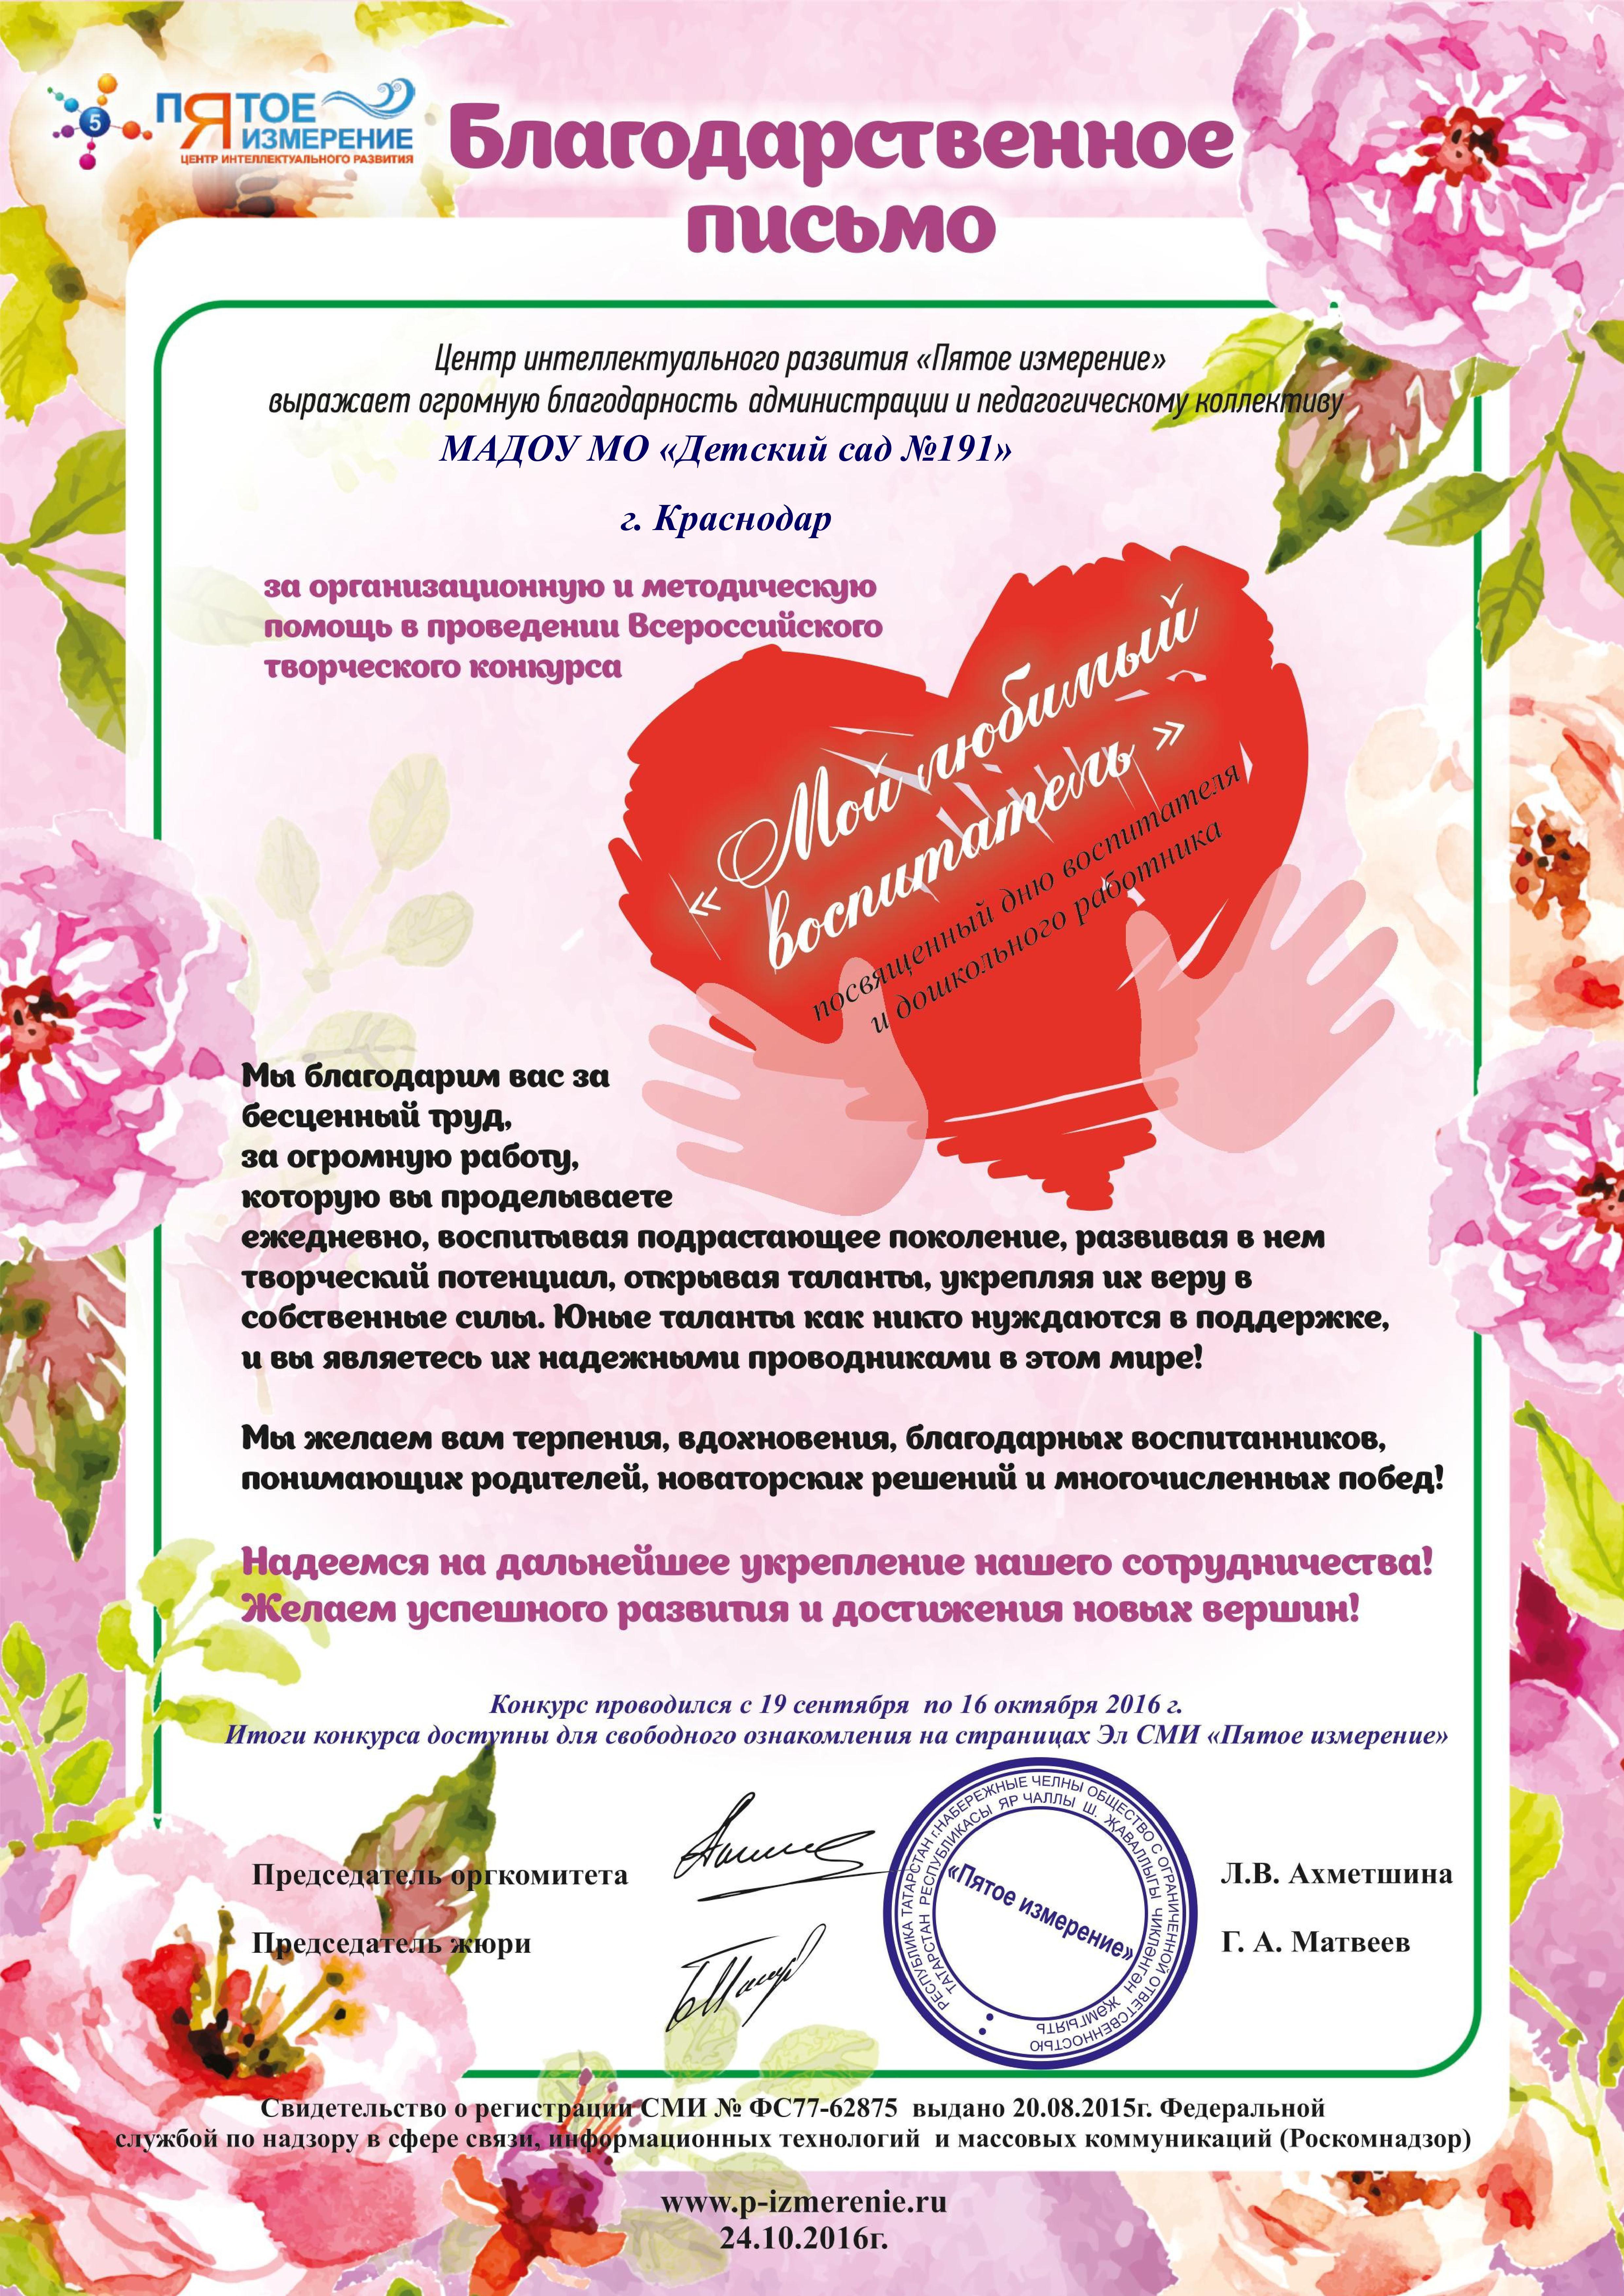 БЛАГОДАРНОСТЬ ОУ_286